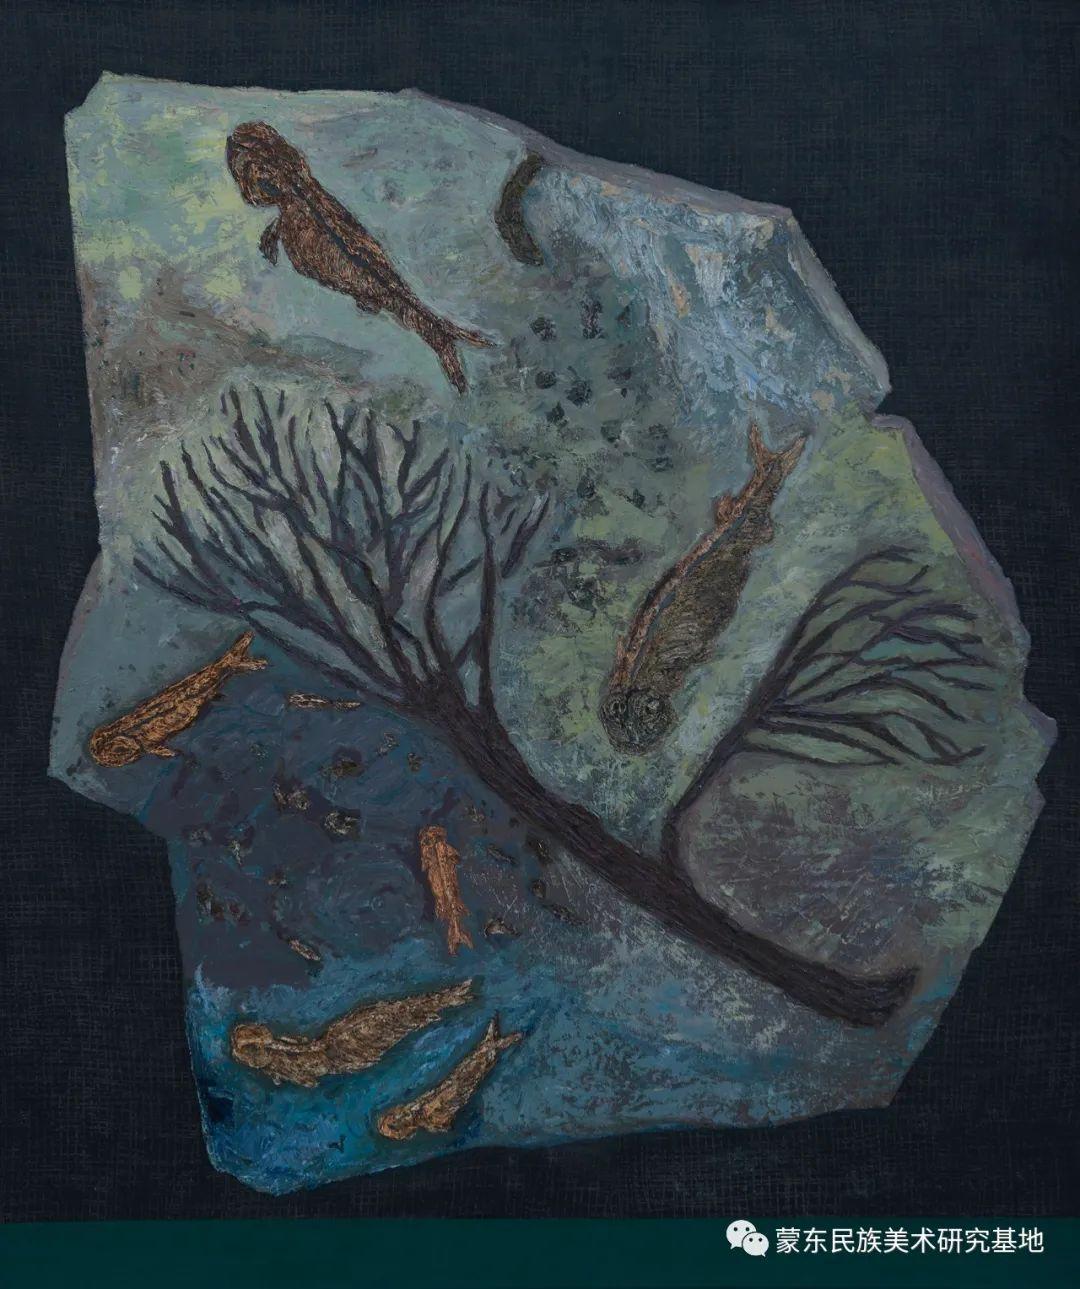 科尔沁首届油画展作品集 第48张 科尔沁首届油画展作品集 蒙古画廊